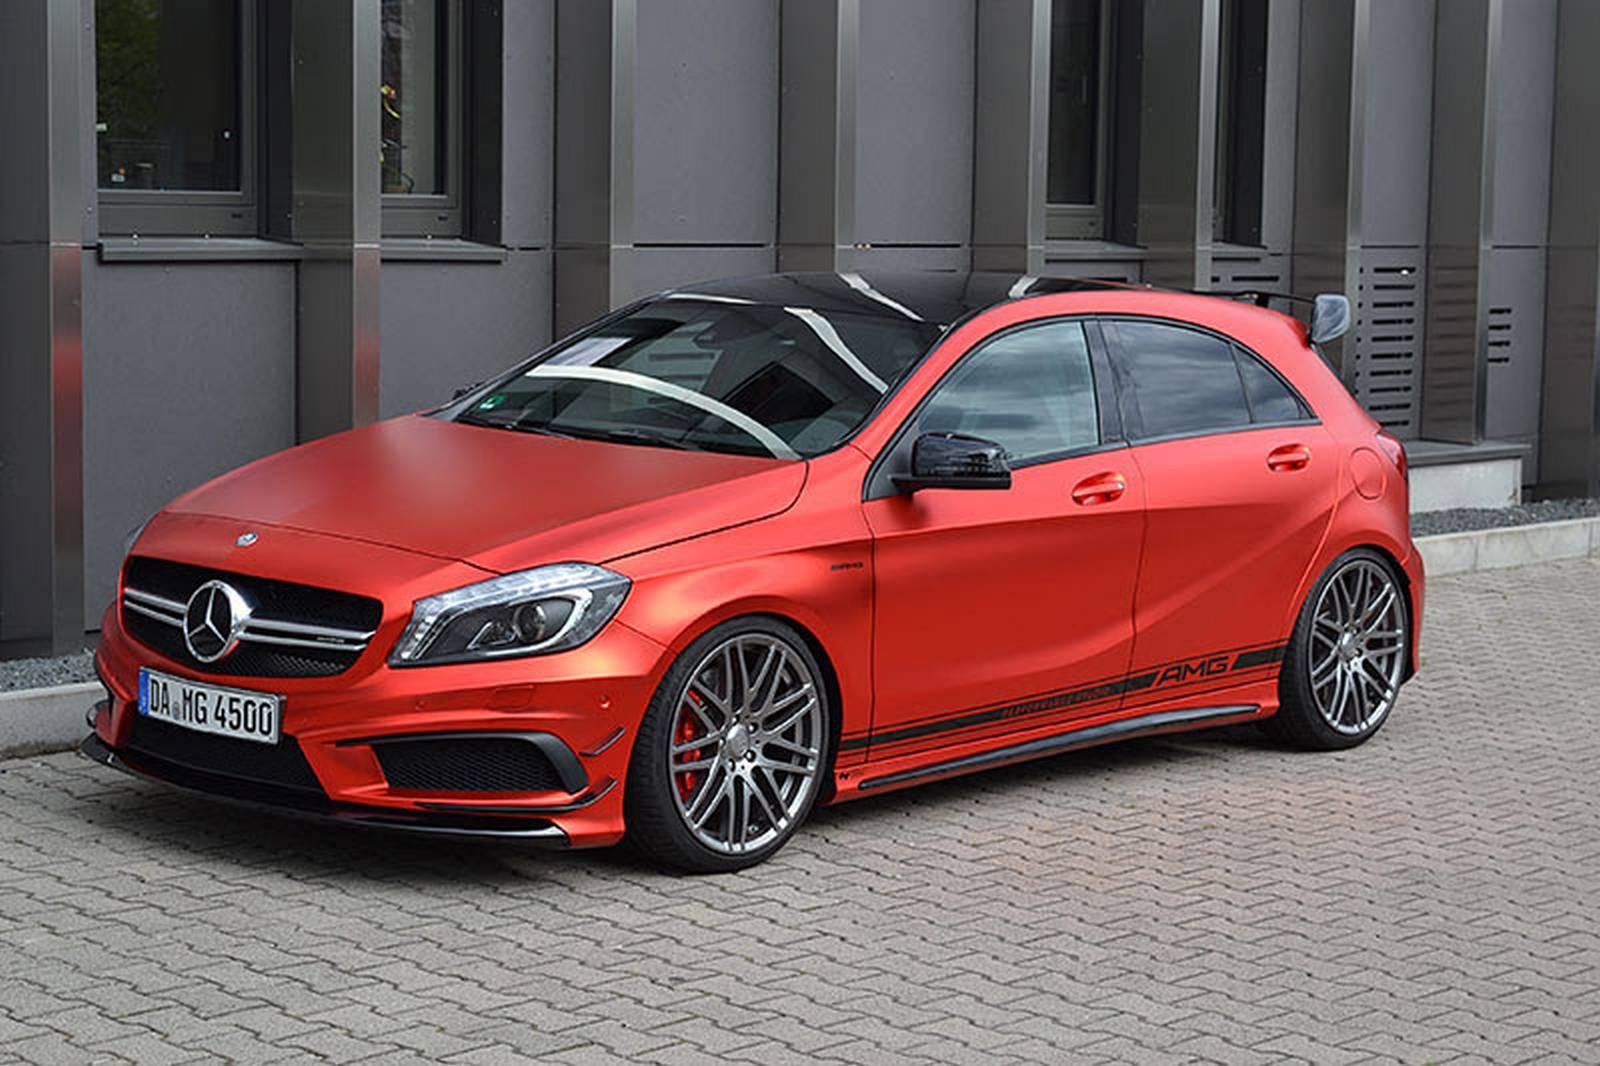 Mercedes benz a45 amg by folien experte gtspirit for Mercedes benz amg a45